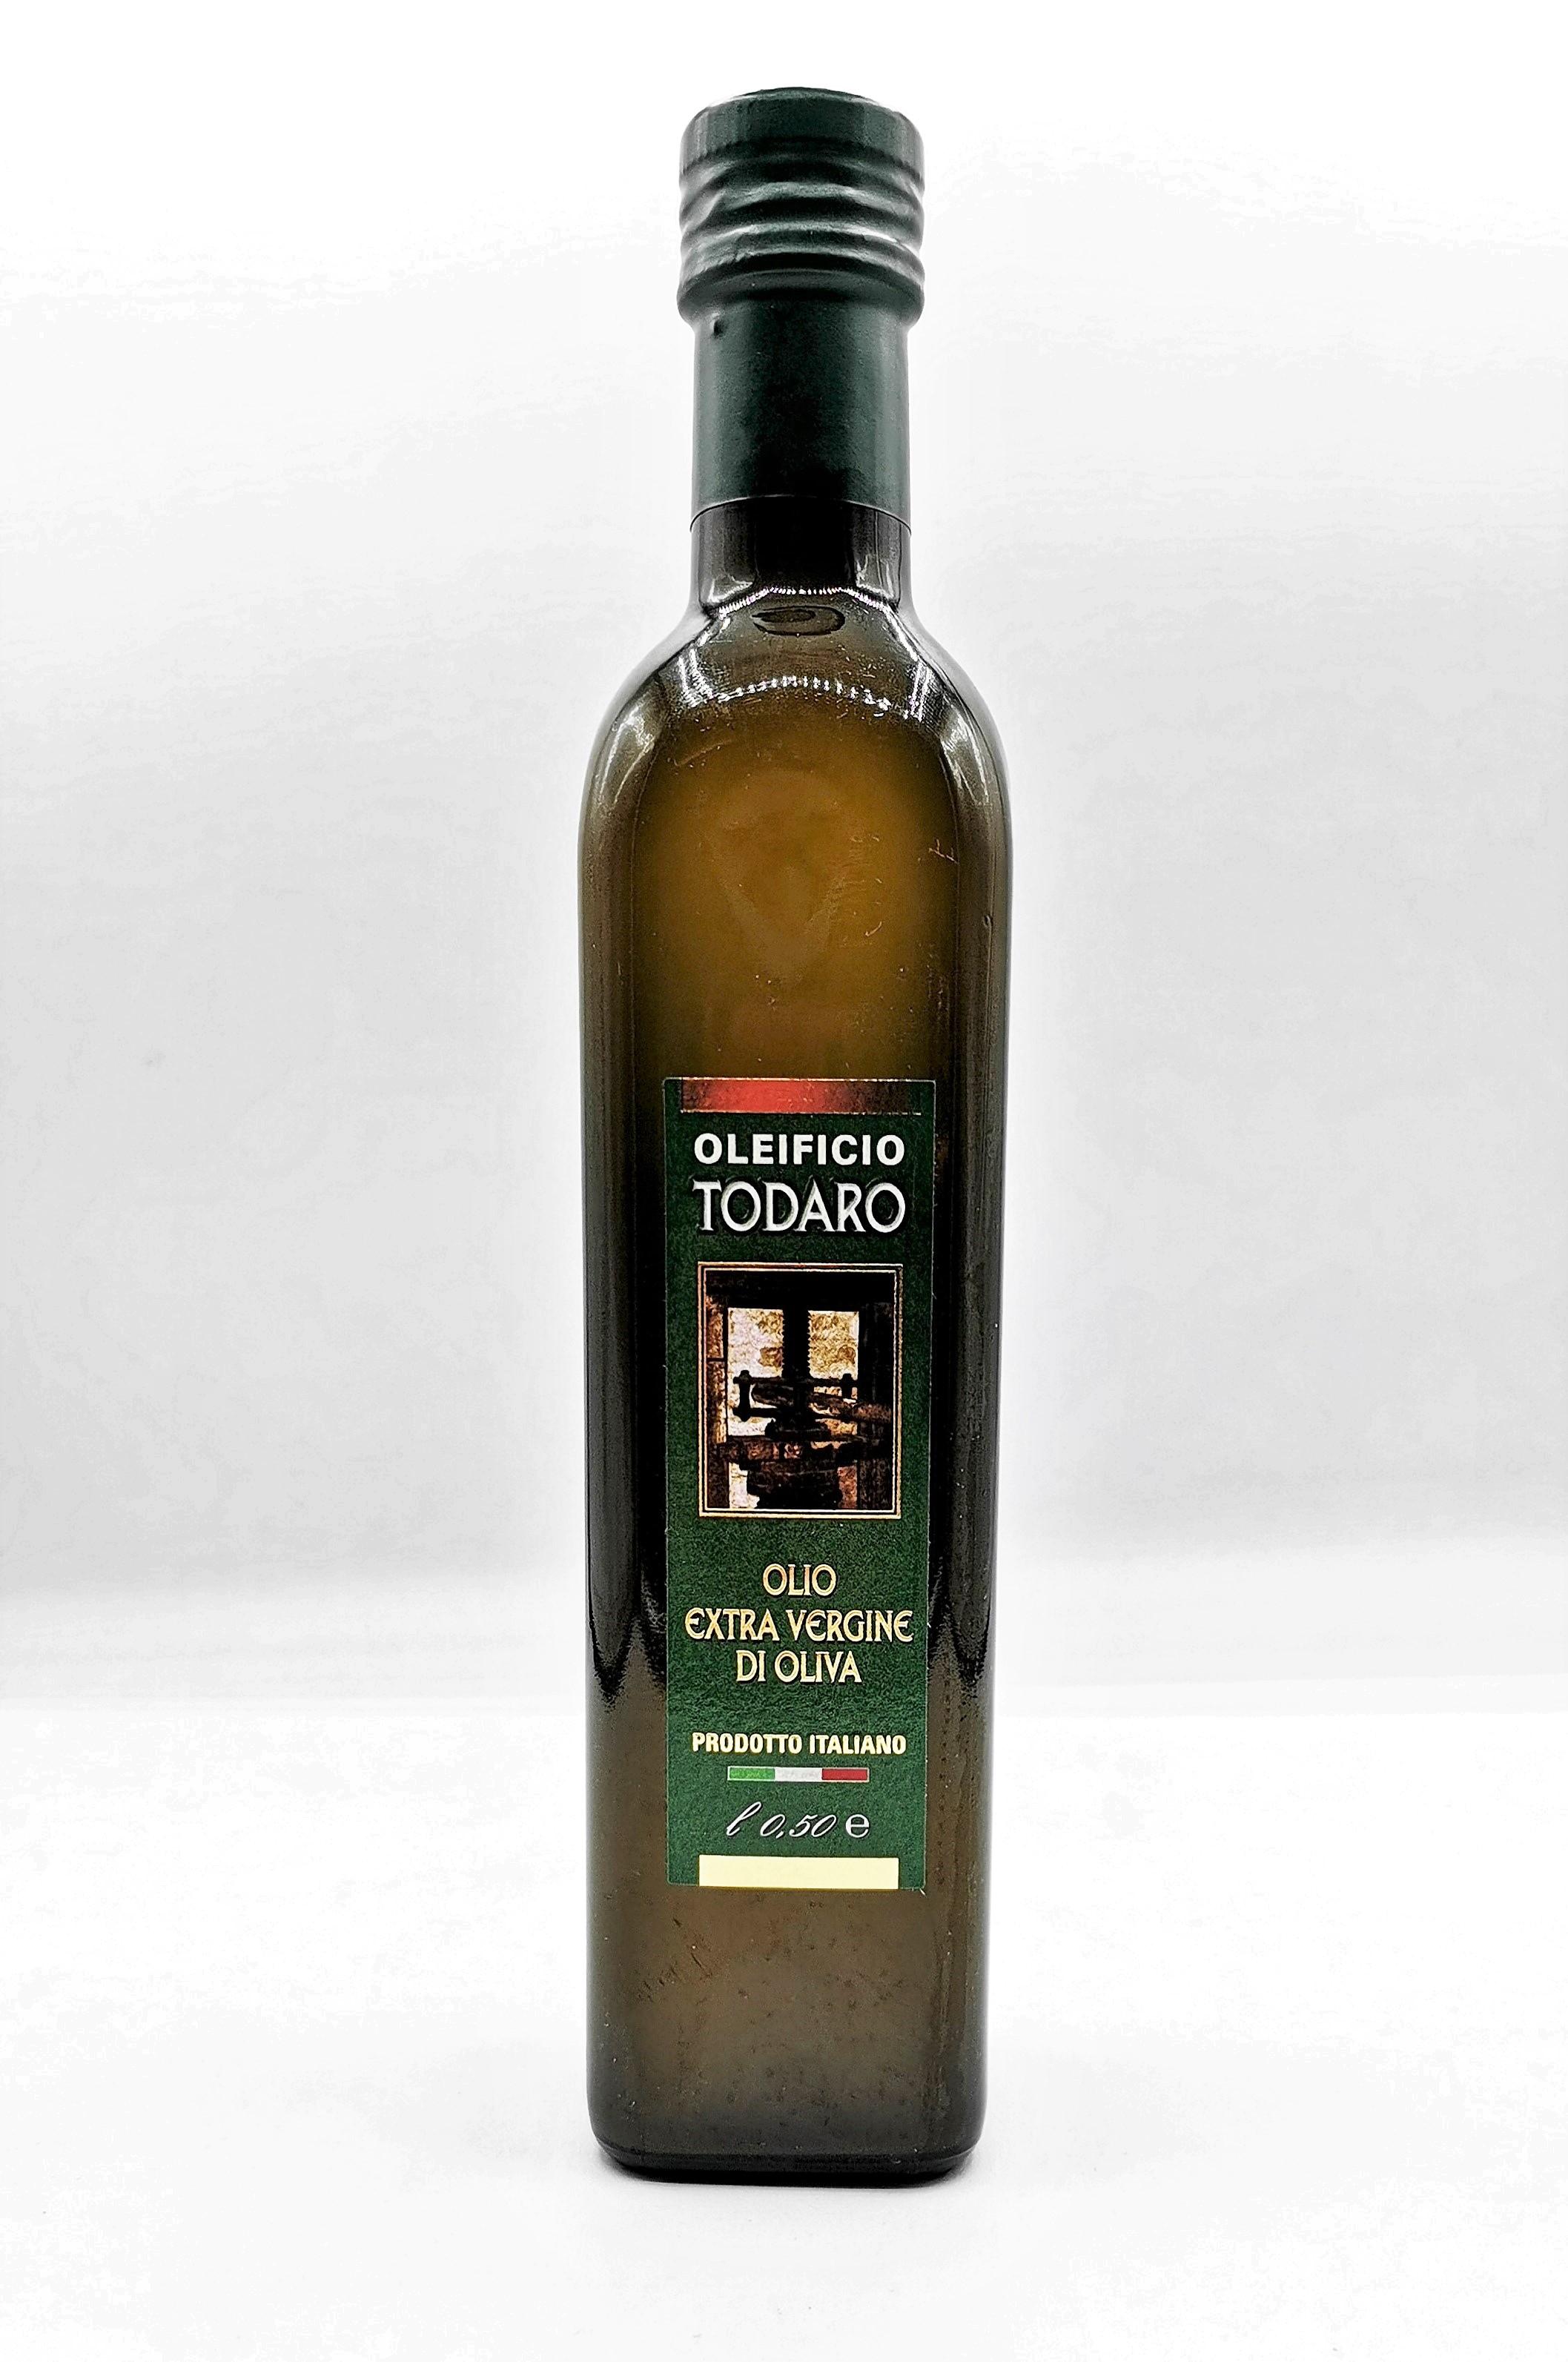 Olio extra vergine d'oliva, Oleificio Todaro 0.5l